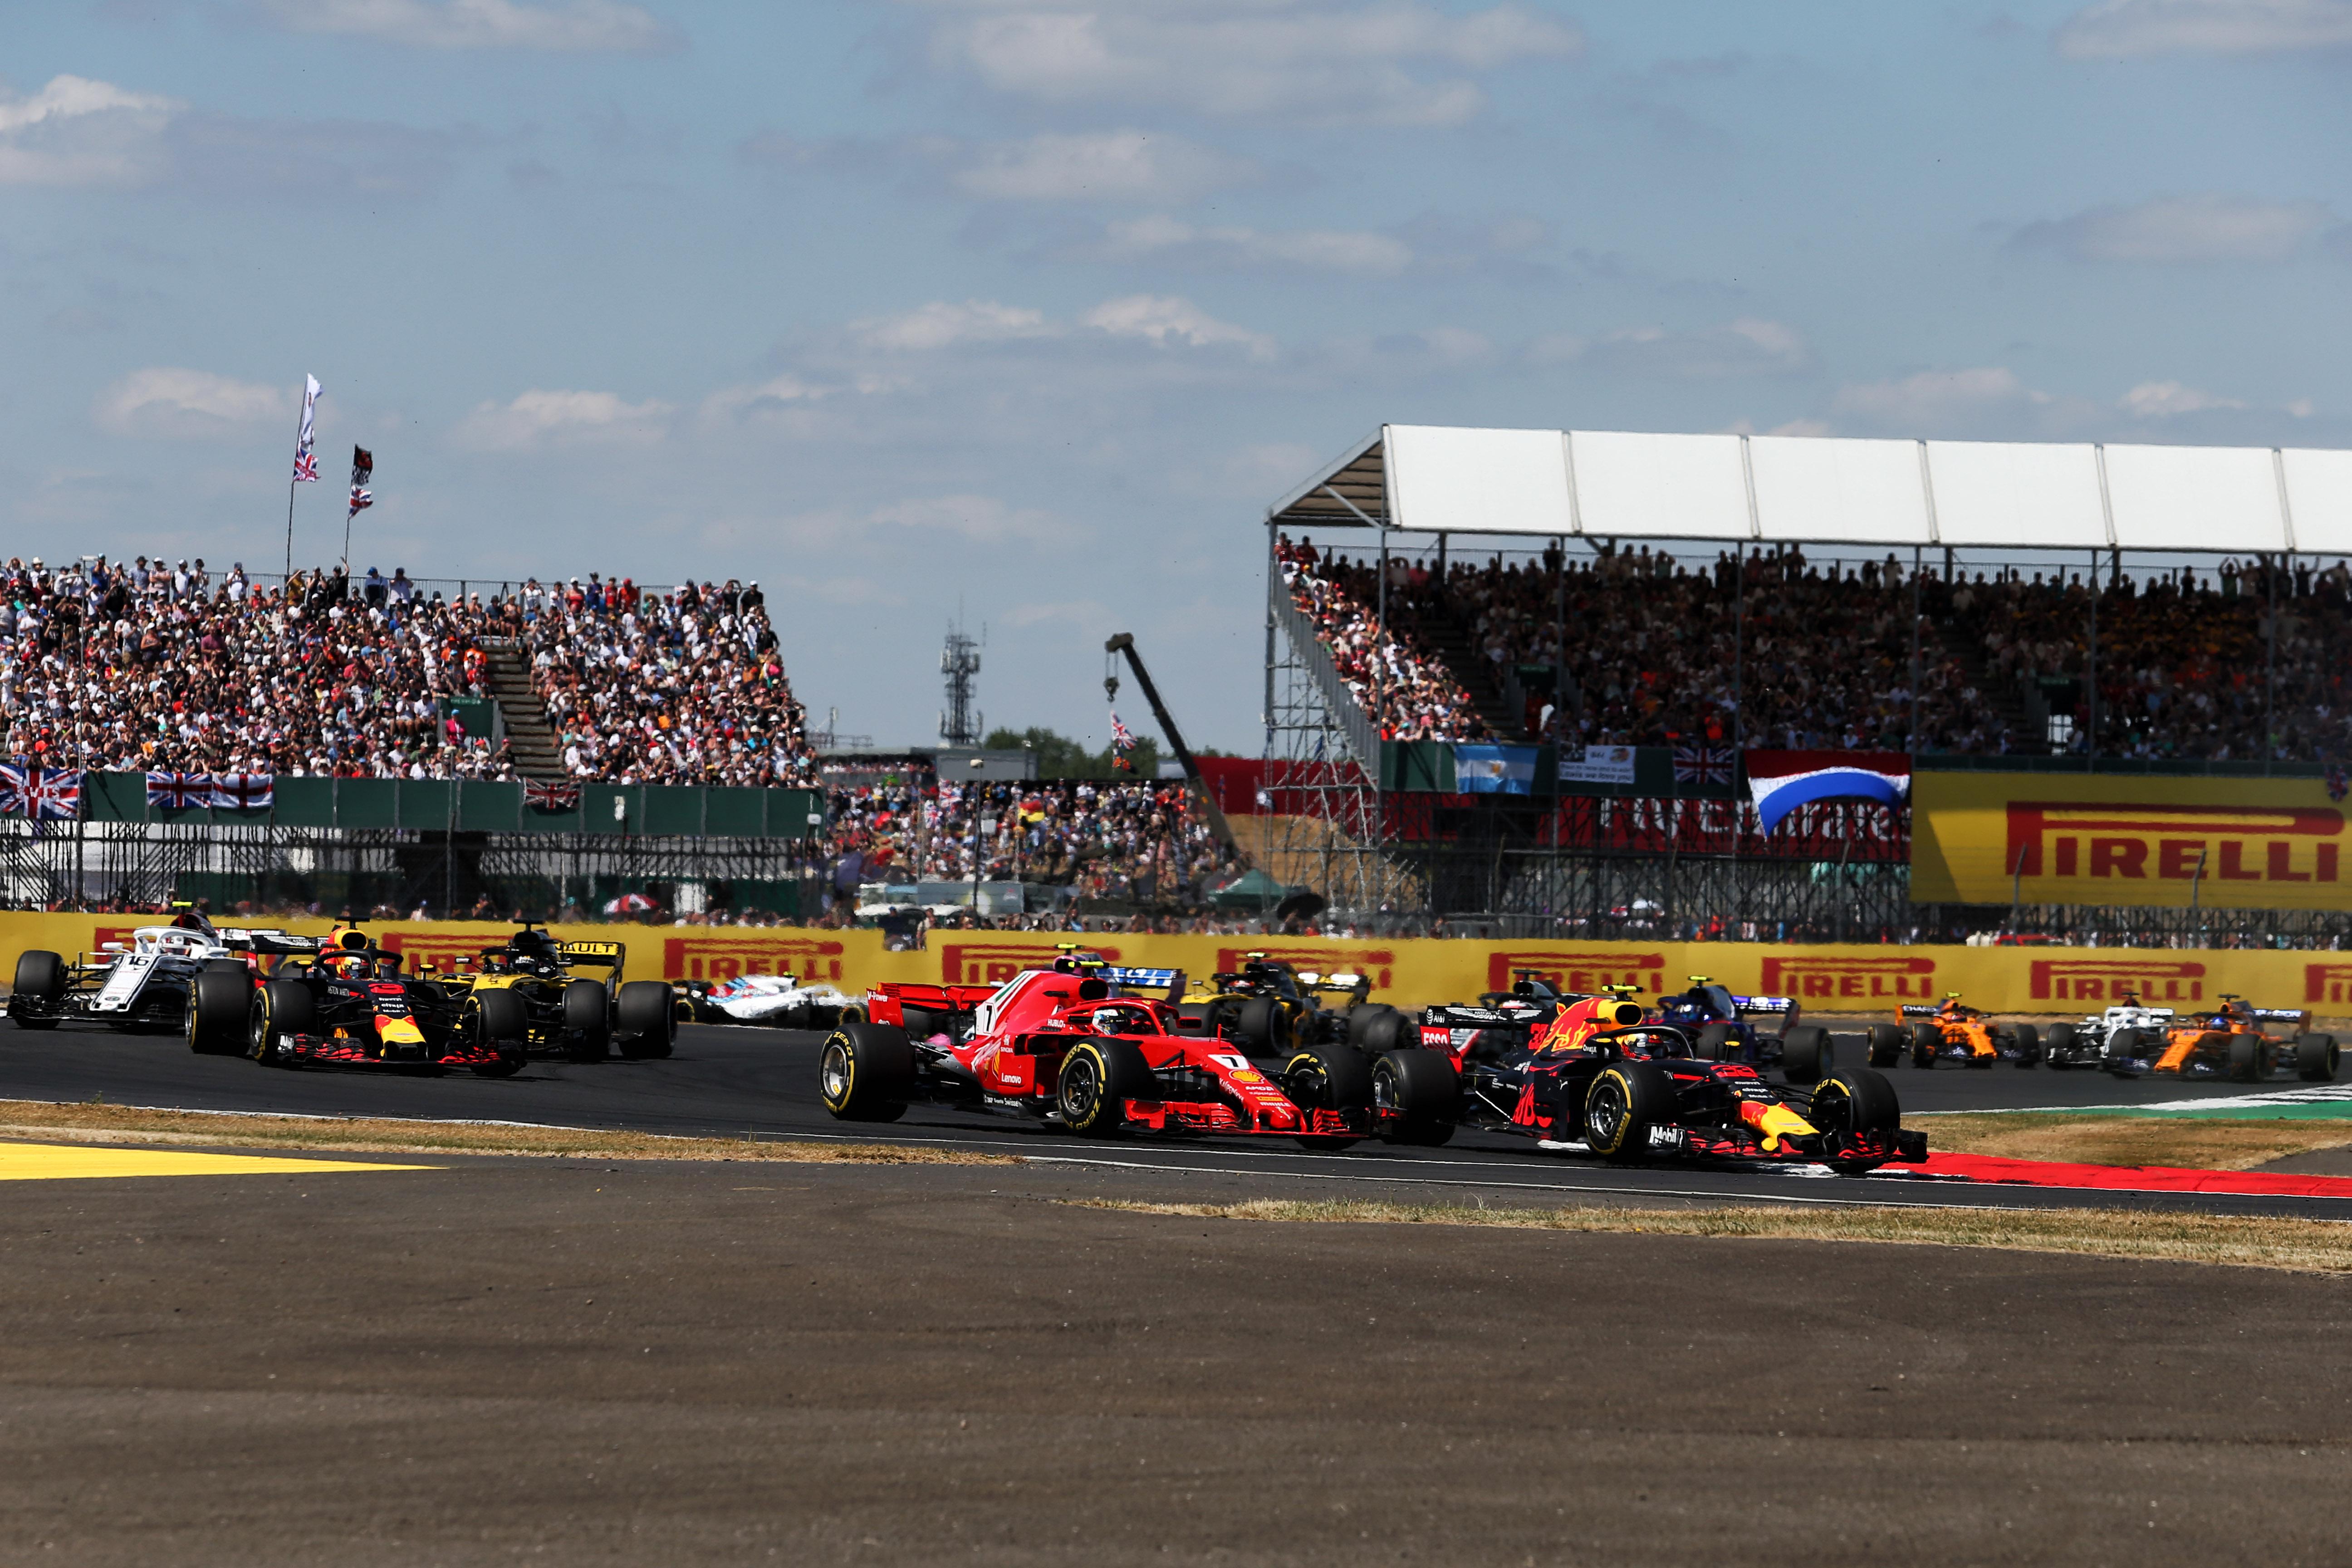 British Grand Prix 2018 Silverstone